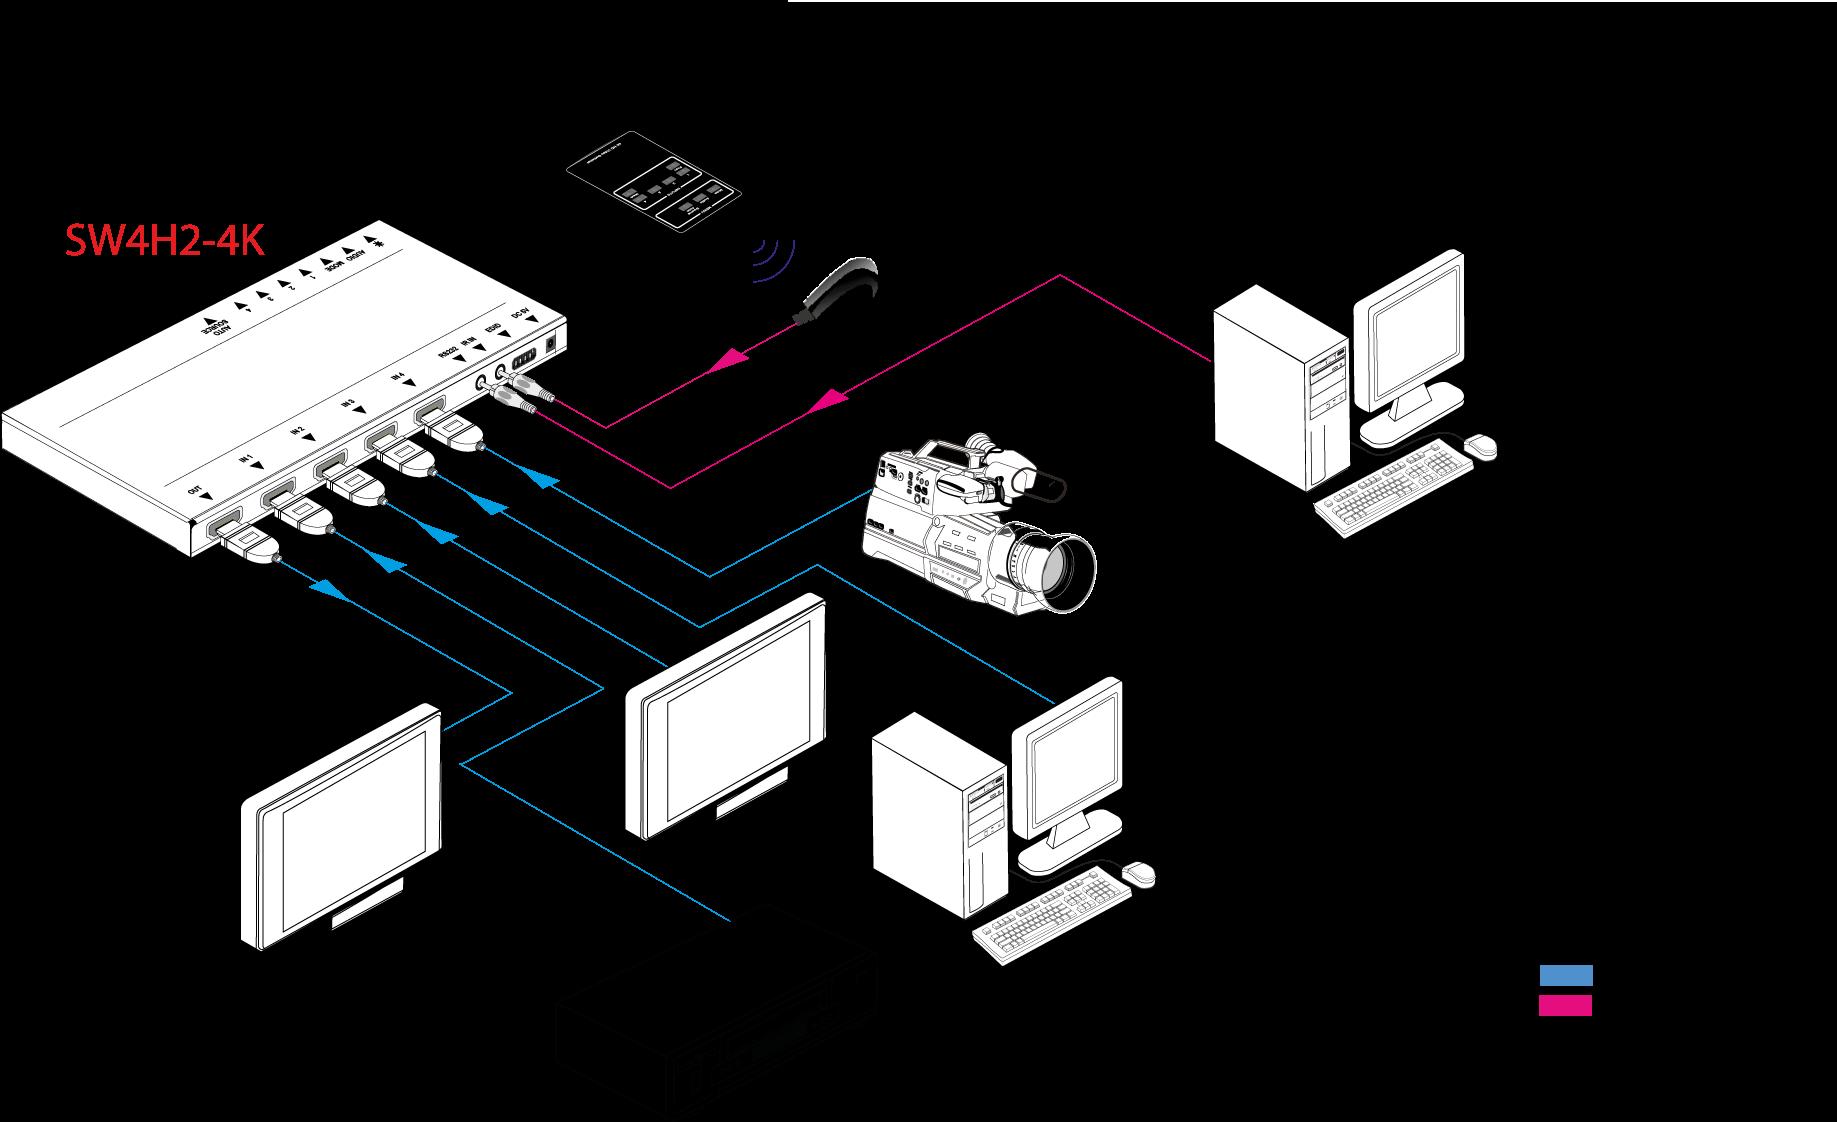 SW4H2-4K | Sélecteur HDMI2.0 4x1 4K 4:4:4, HDR